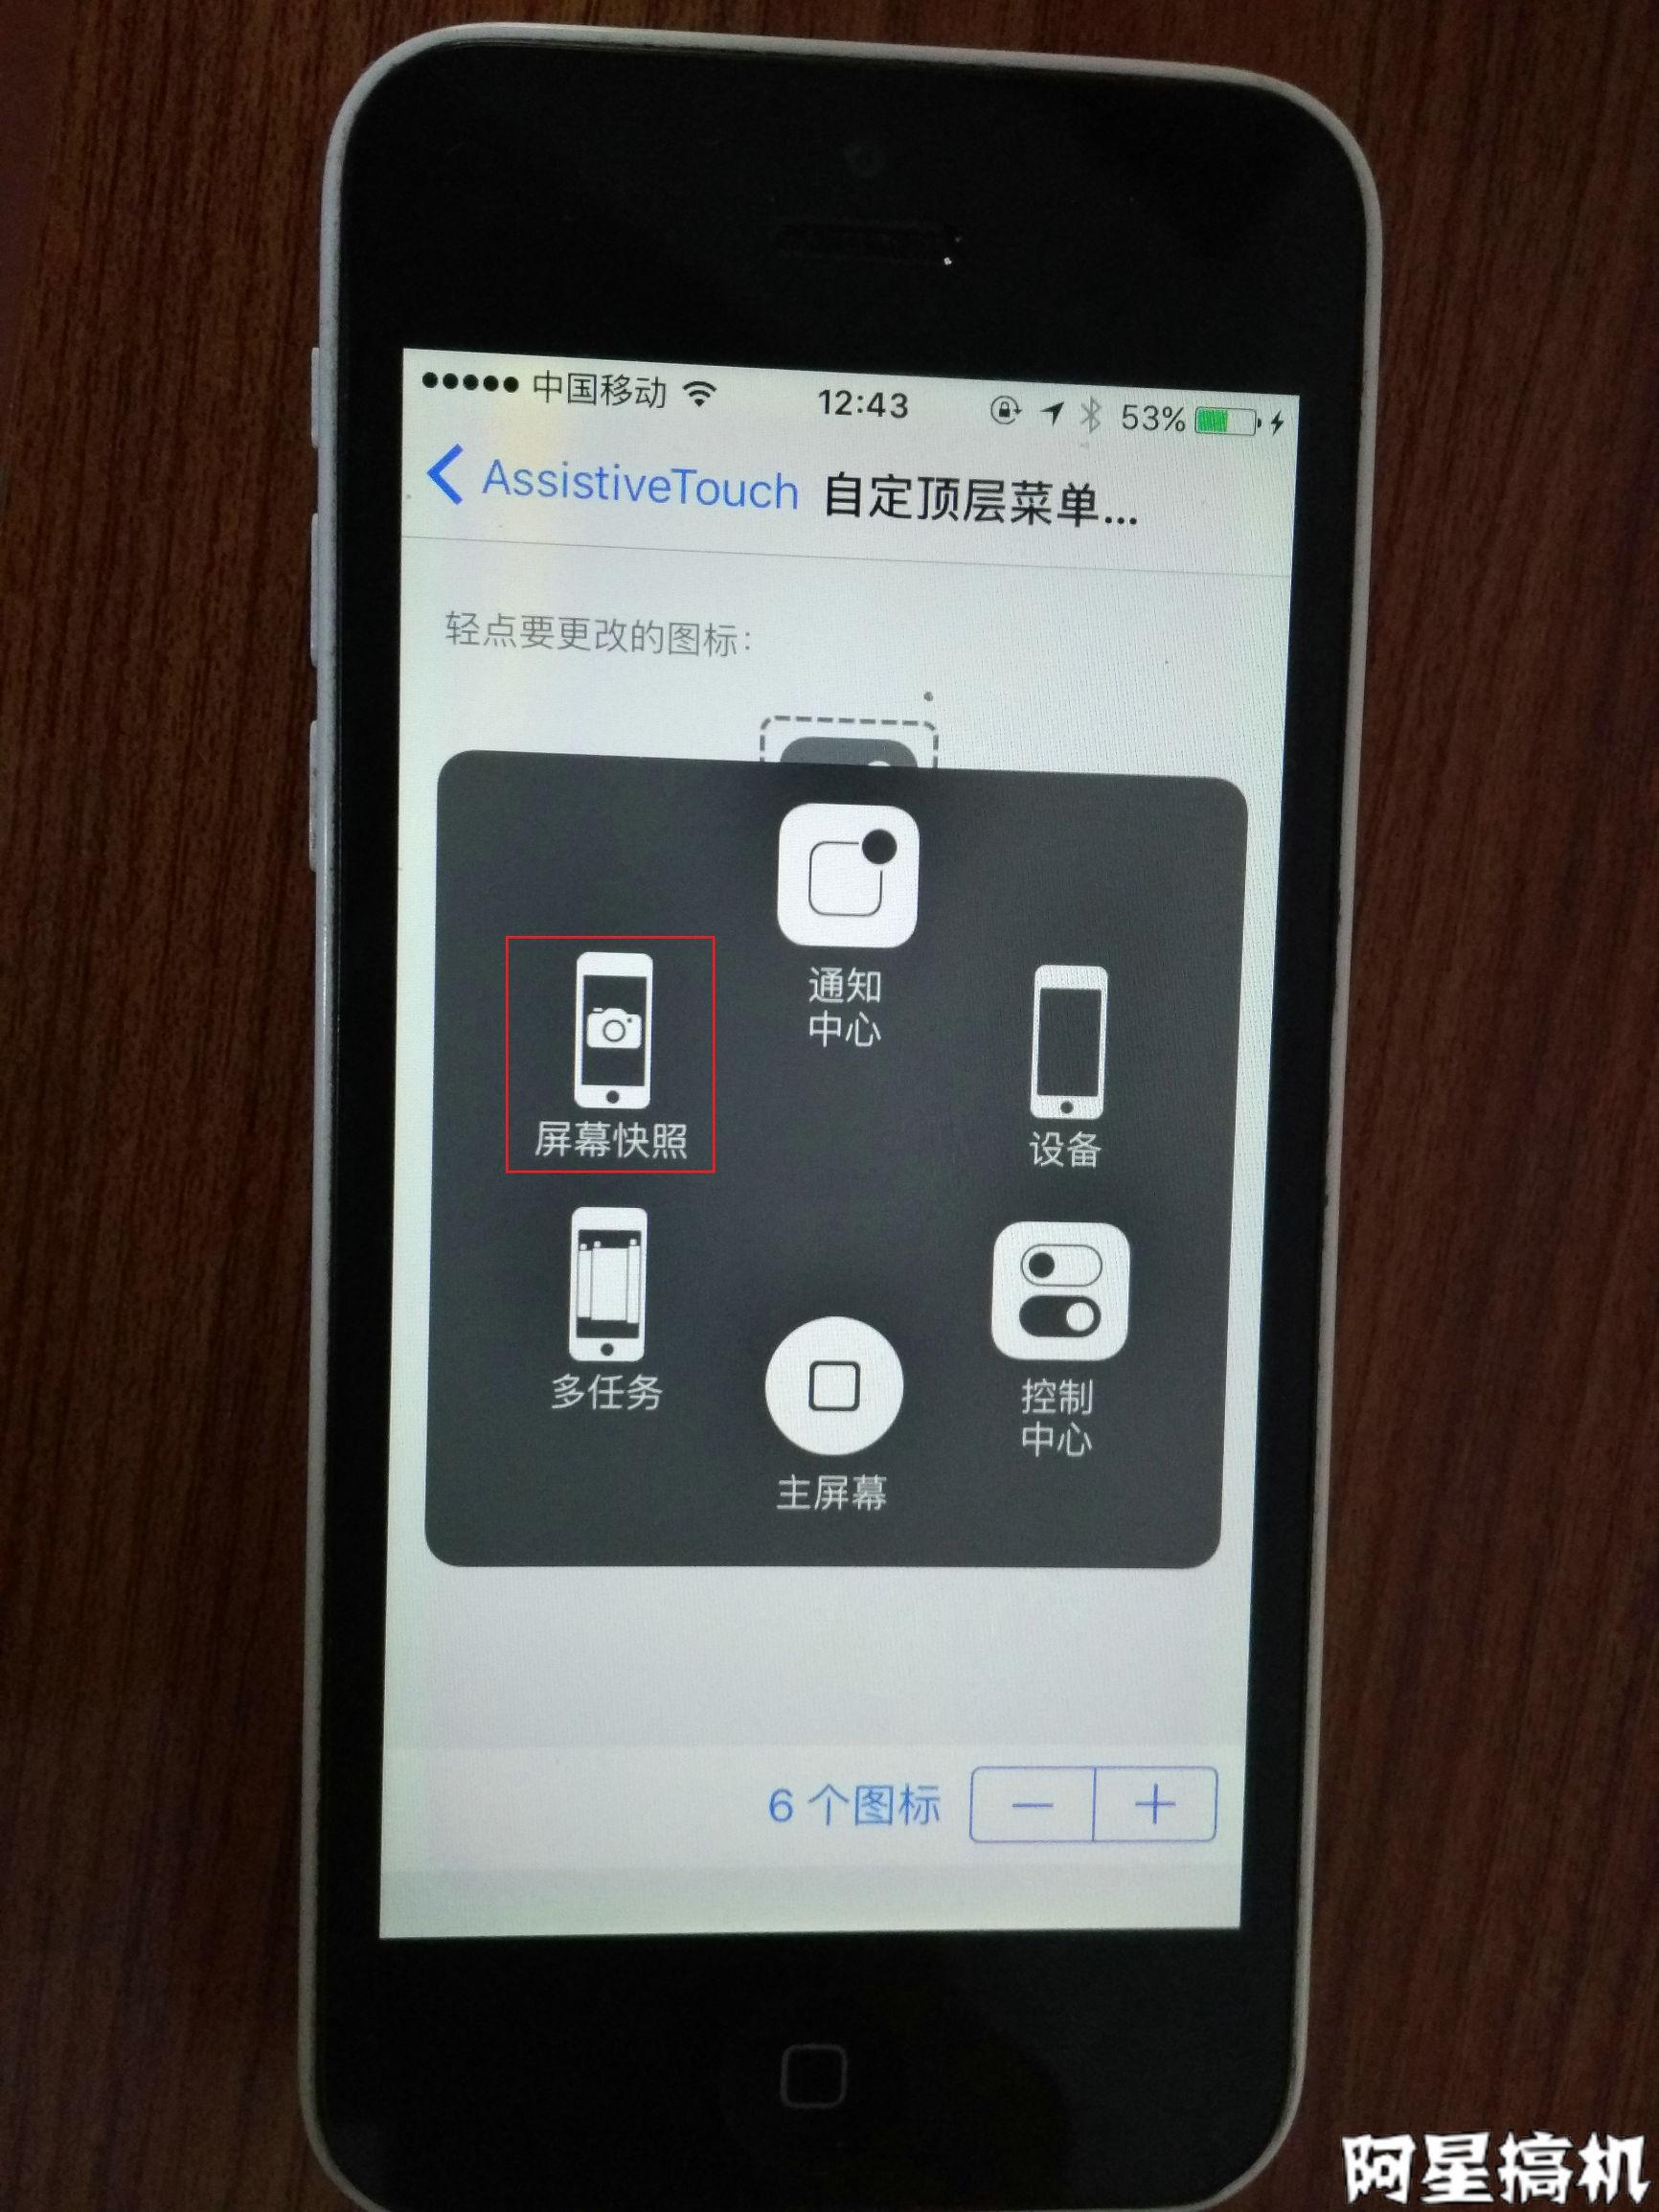 有關MIUI V7.5的懸浮球作用一些補充說明及應用體會心得